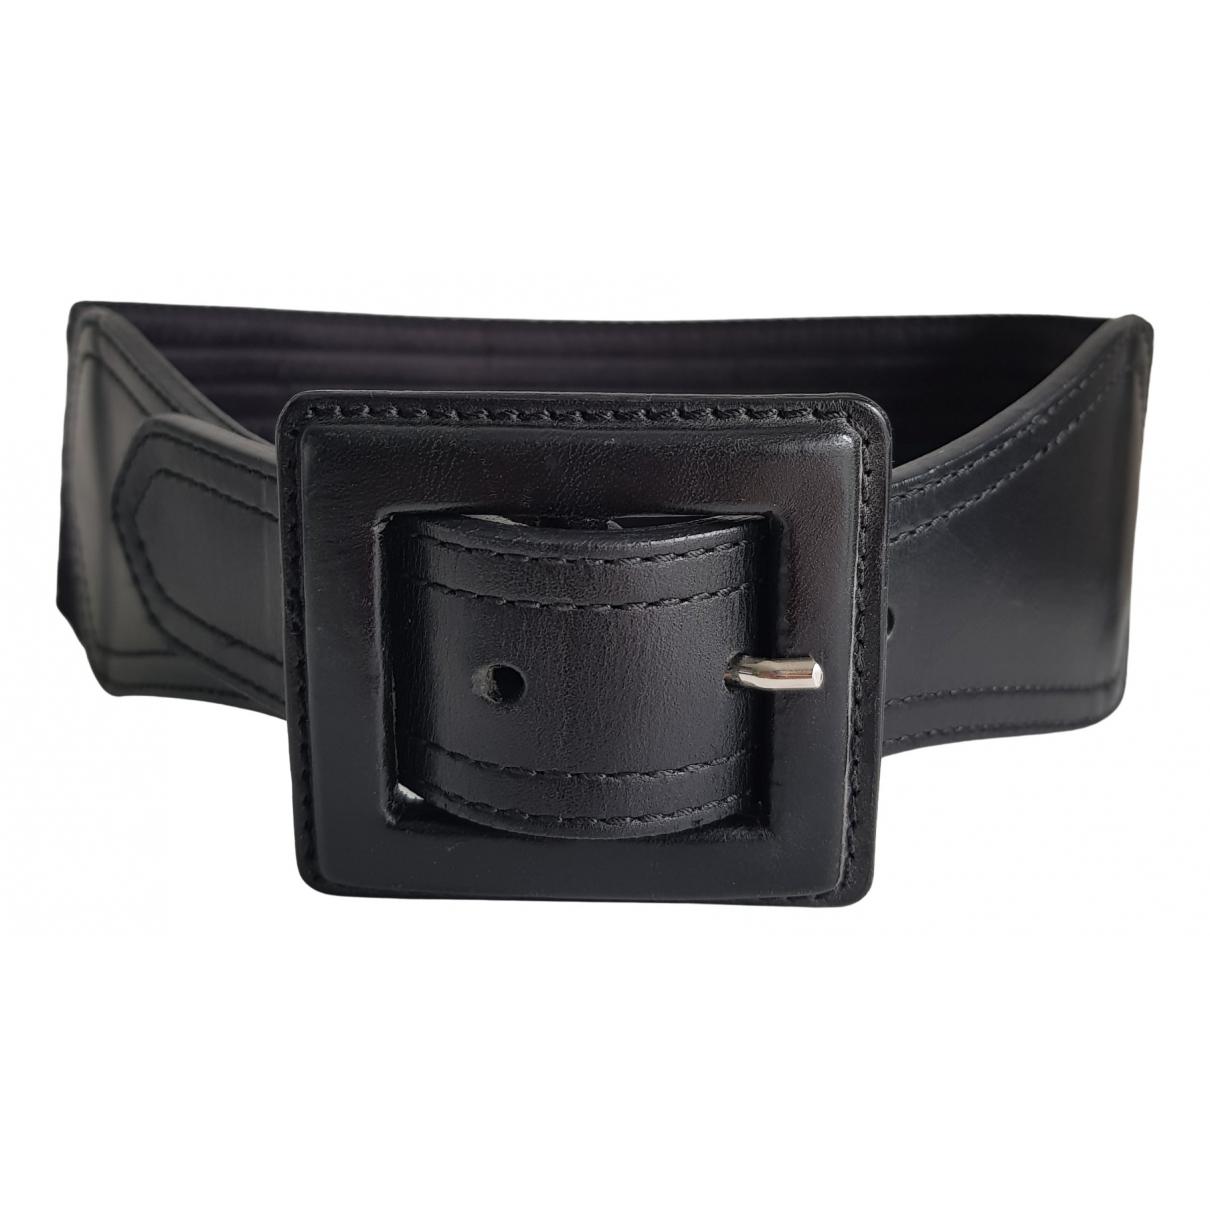 Cinturon de Cuero Alessandro Dellacqua